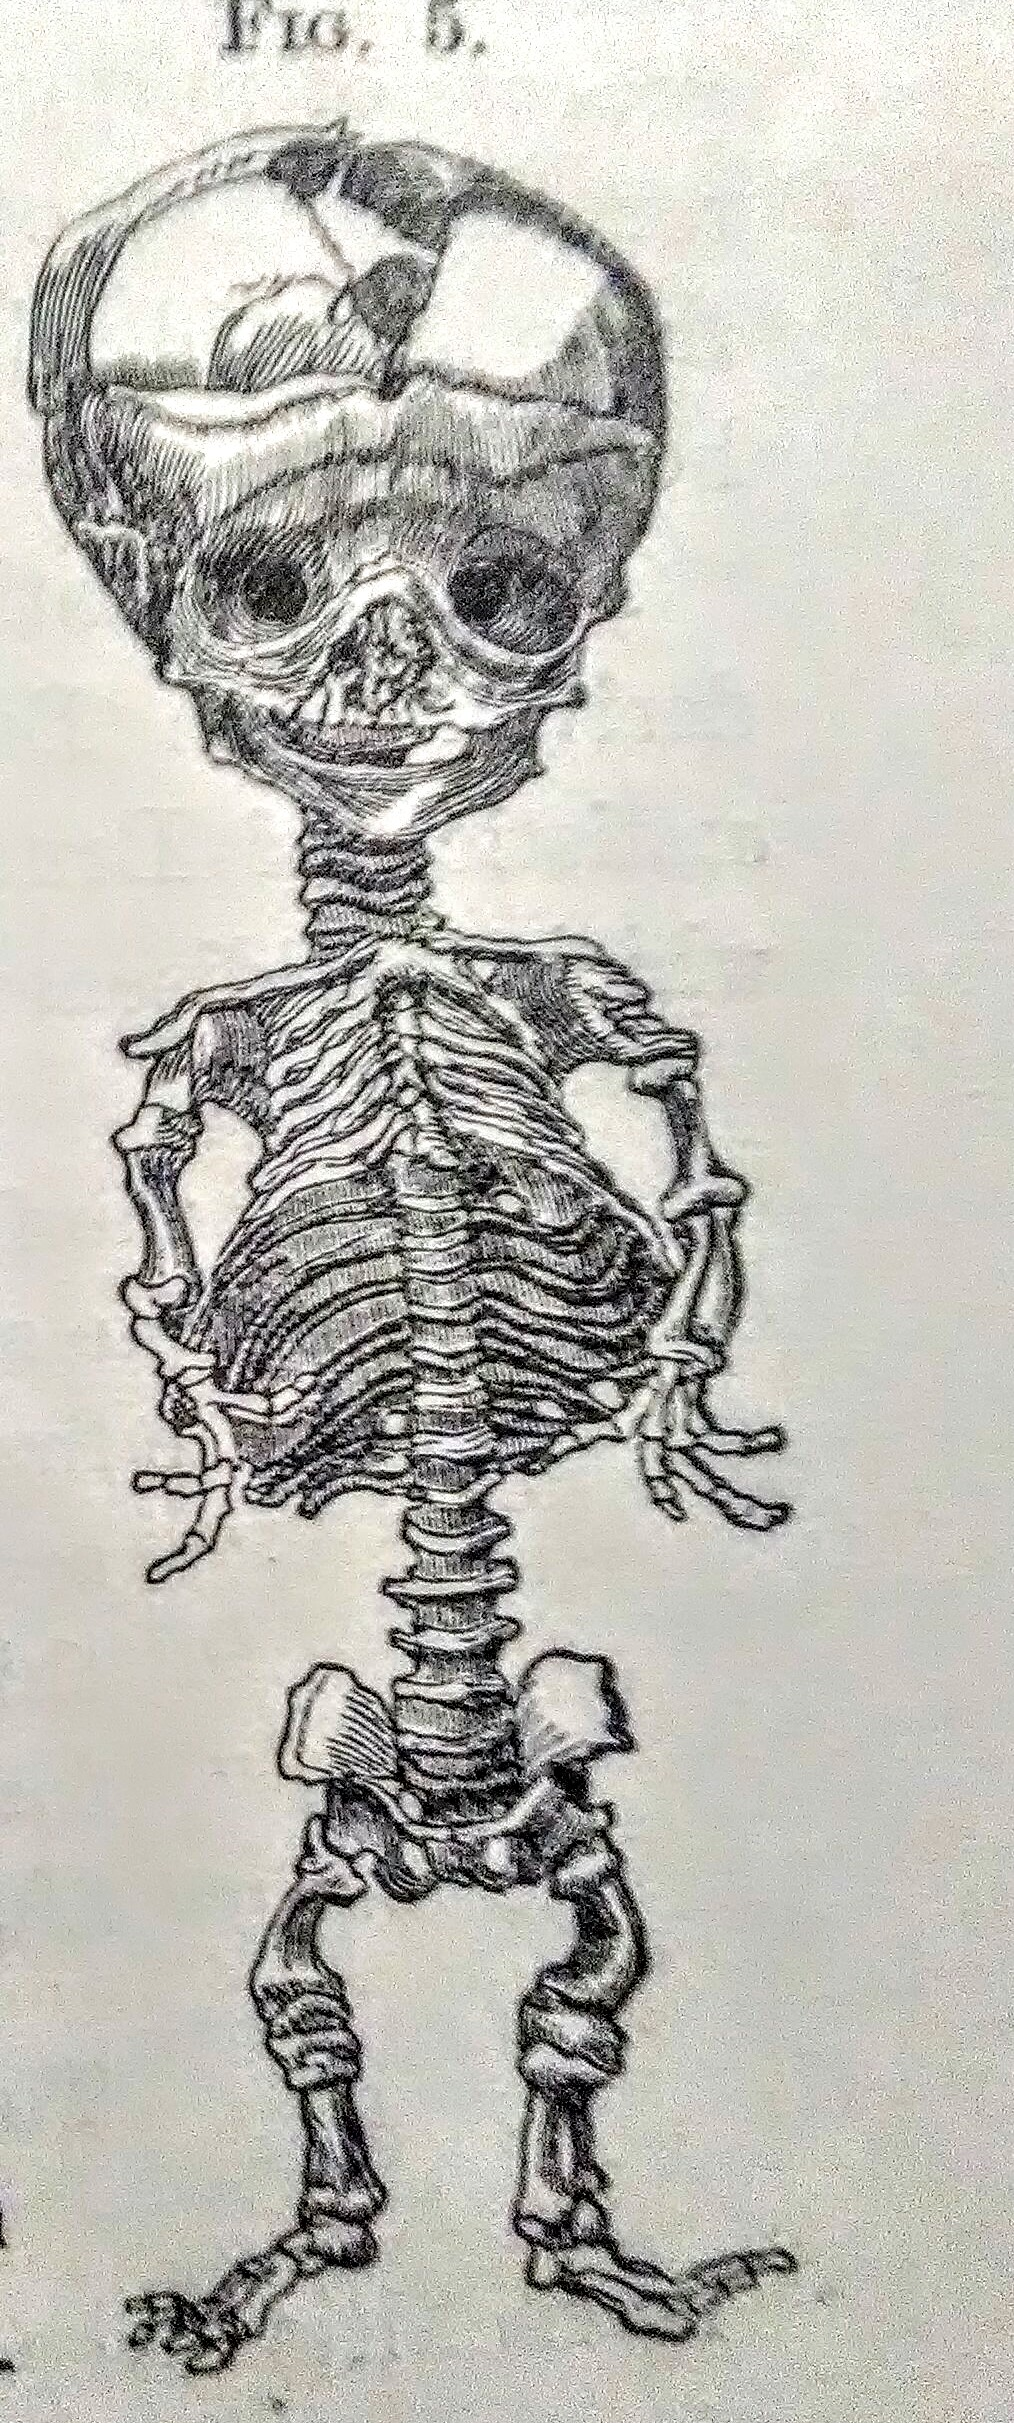 Skull bossing - Wikipedia